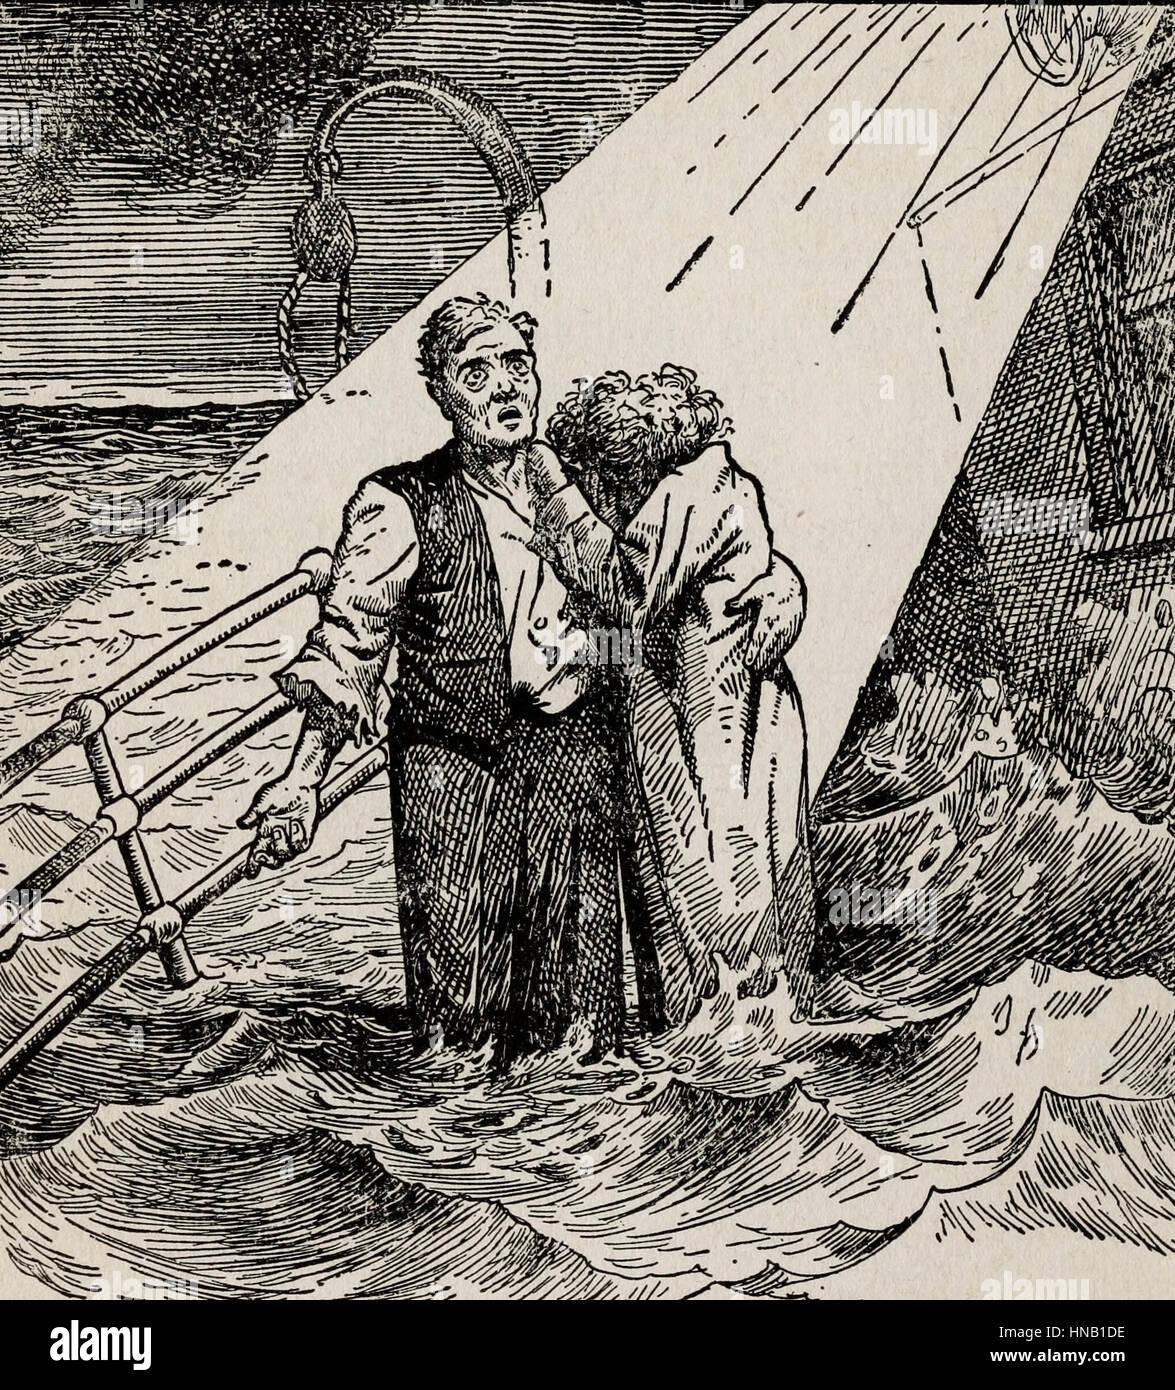 Plus près de toi, mon Dieu - à bord du Titanic naufrage Banque D'Images